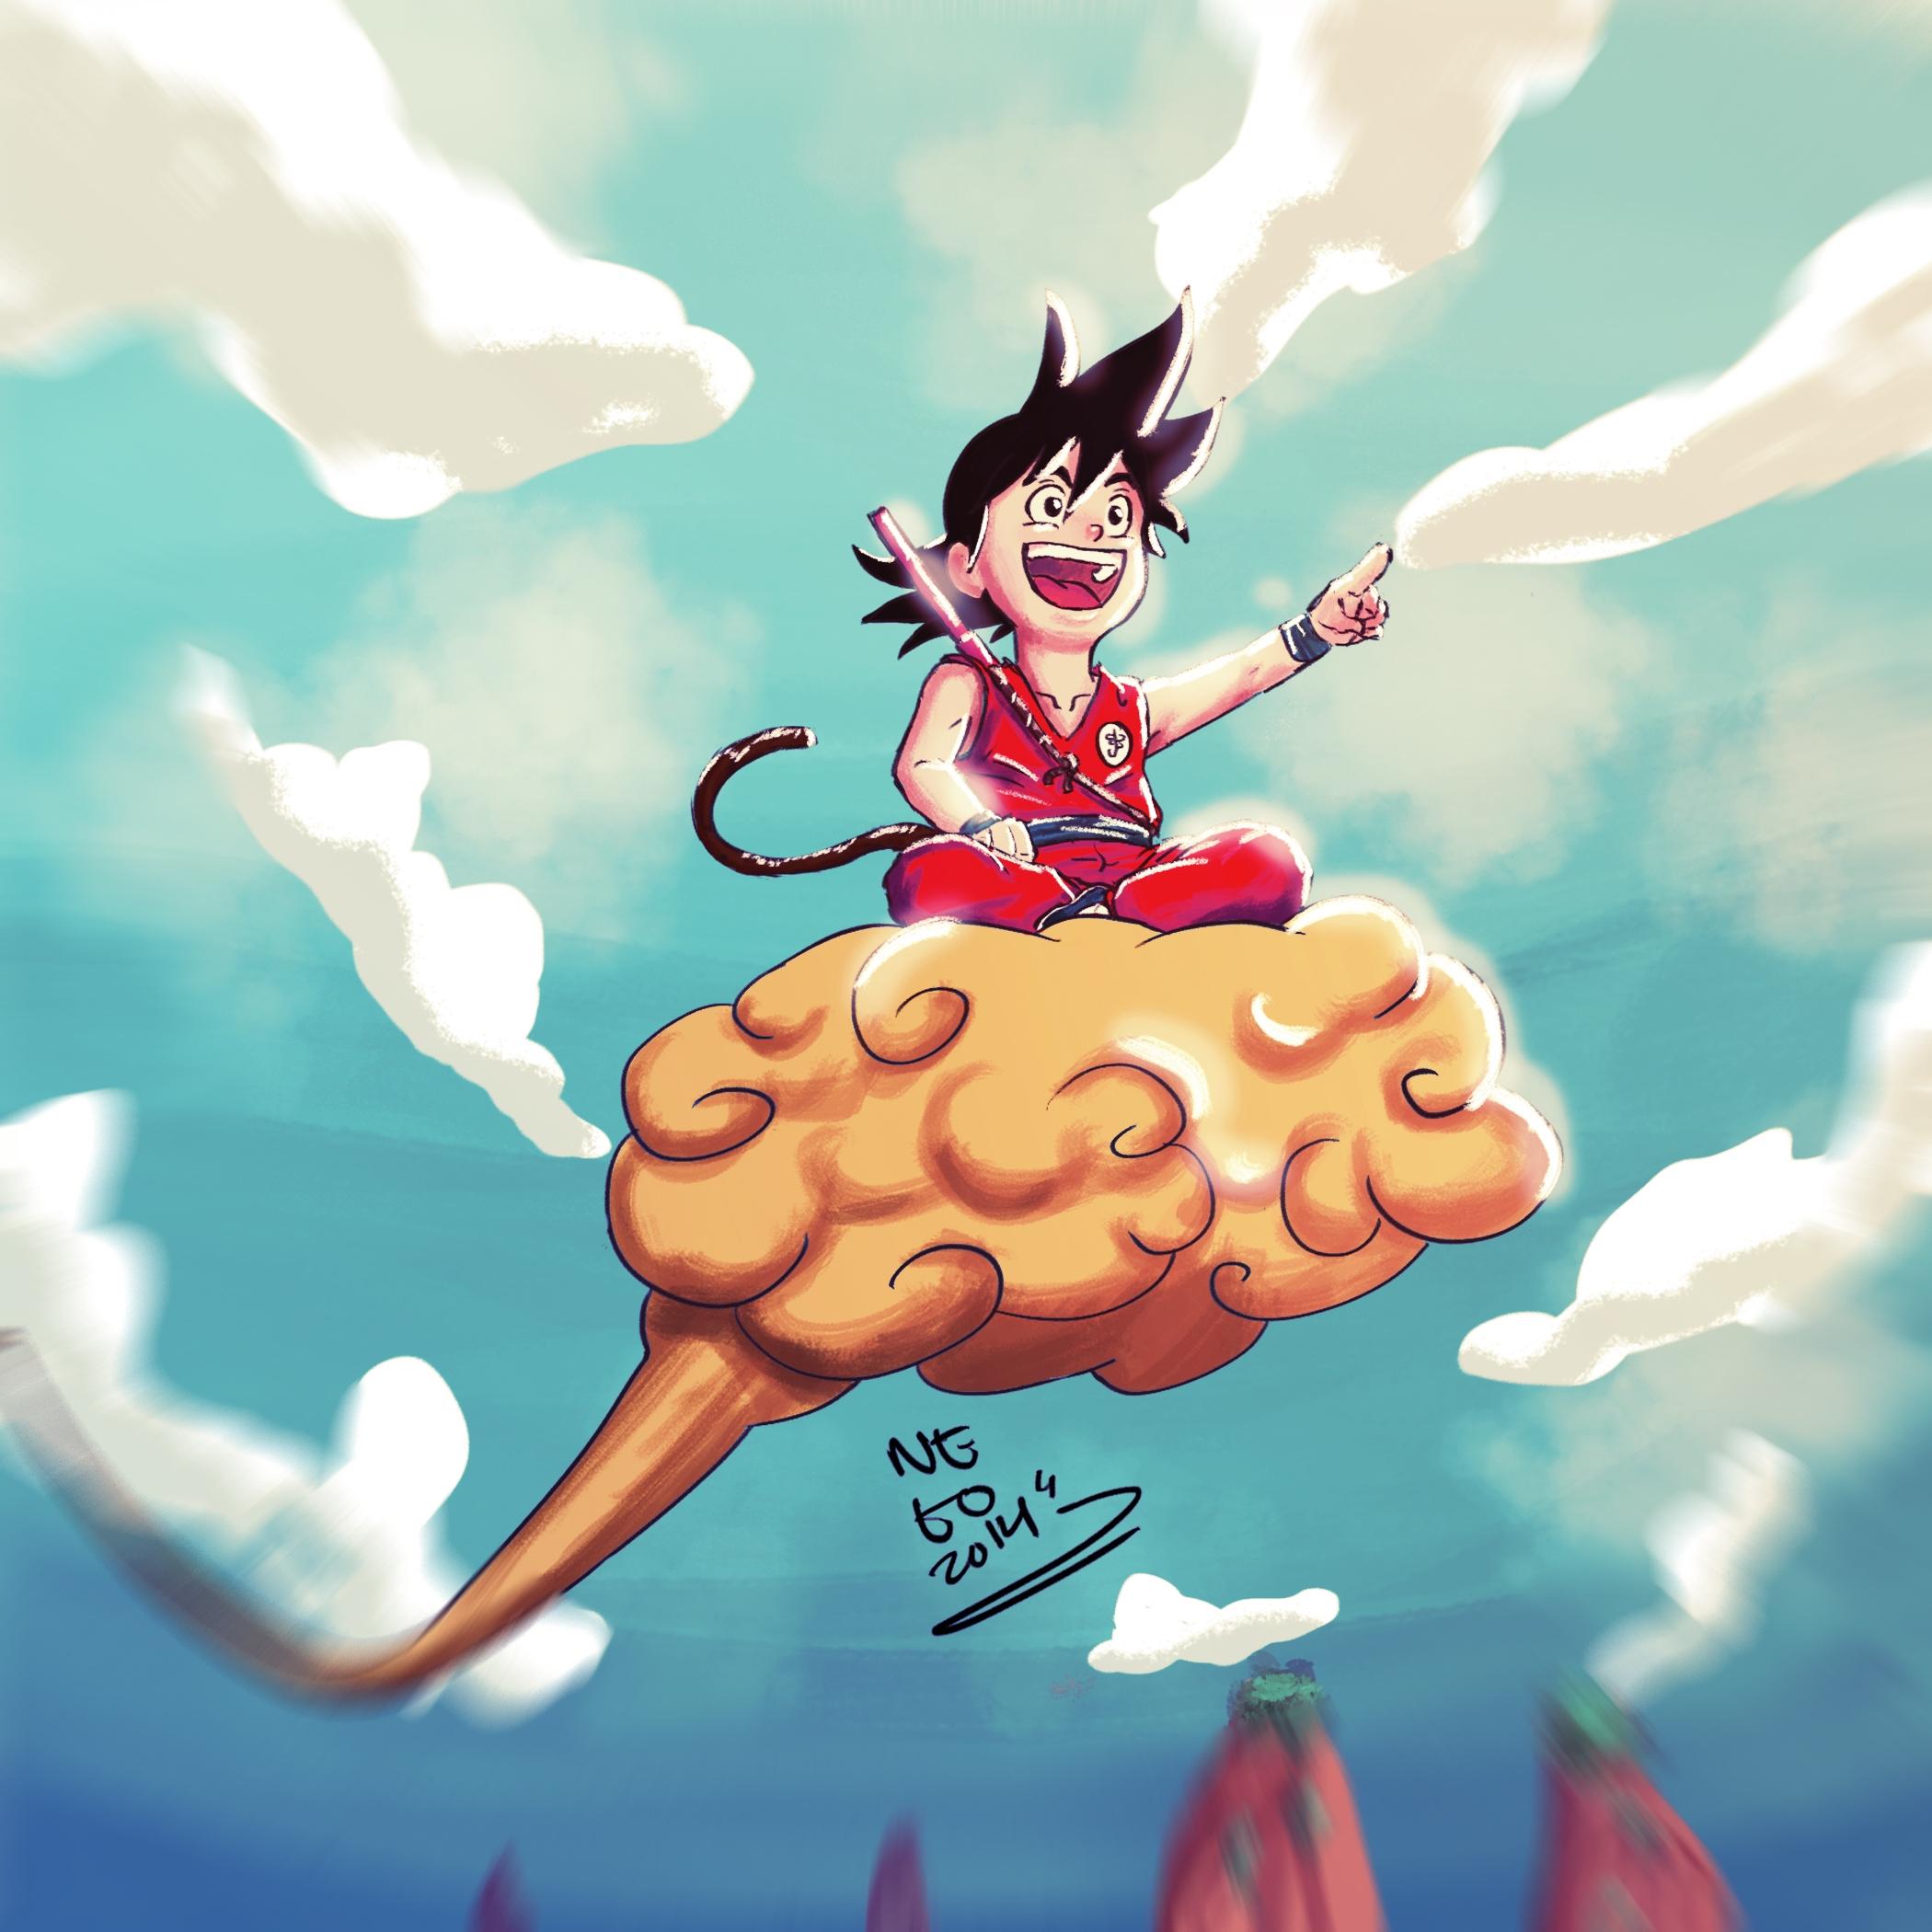 Color sketch Son Goku, childhoo - netocanessa | ello